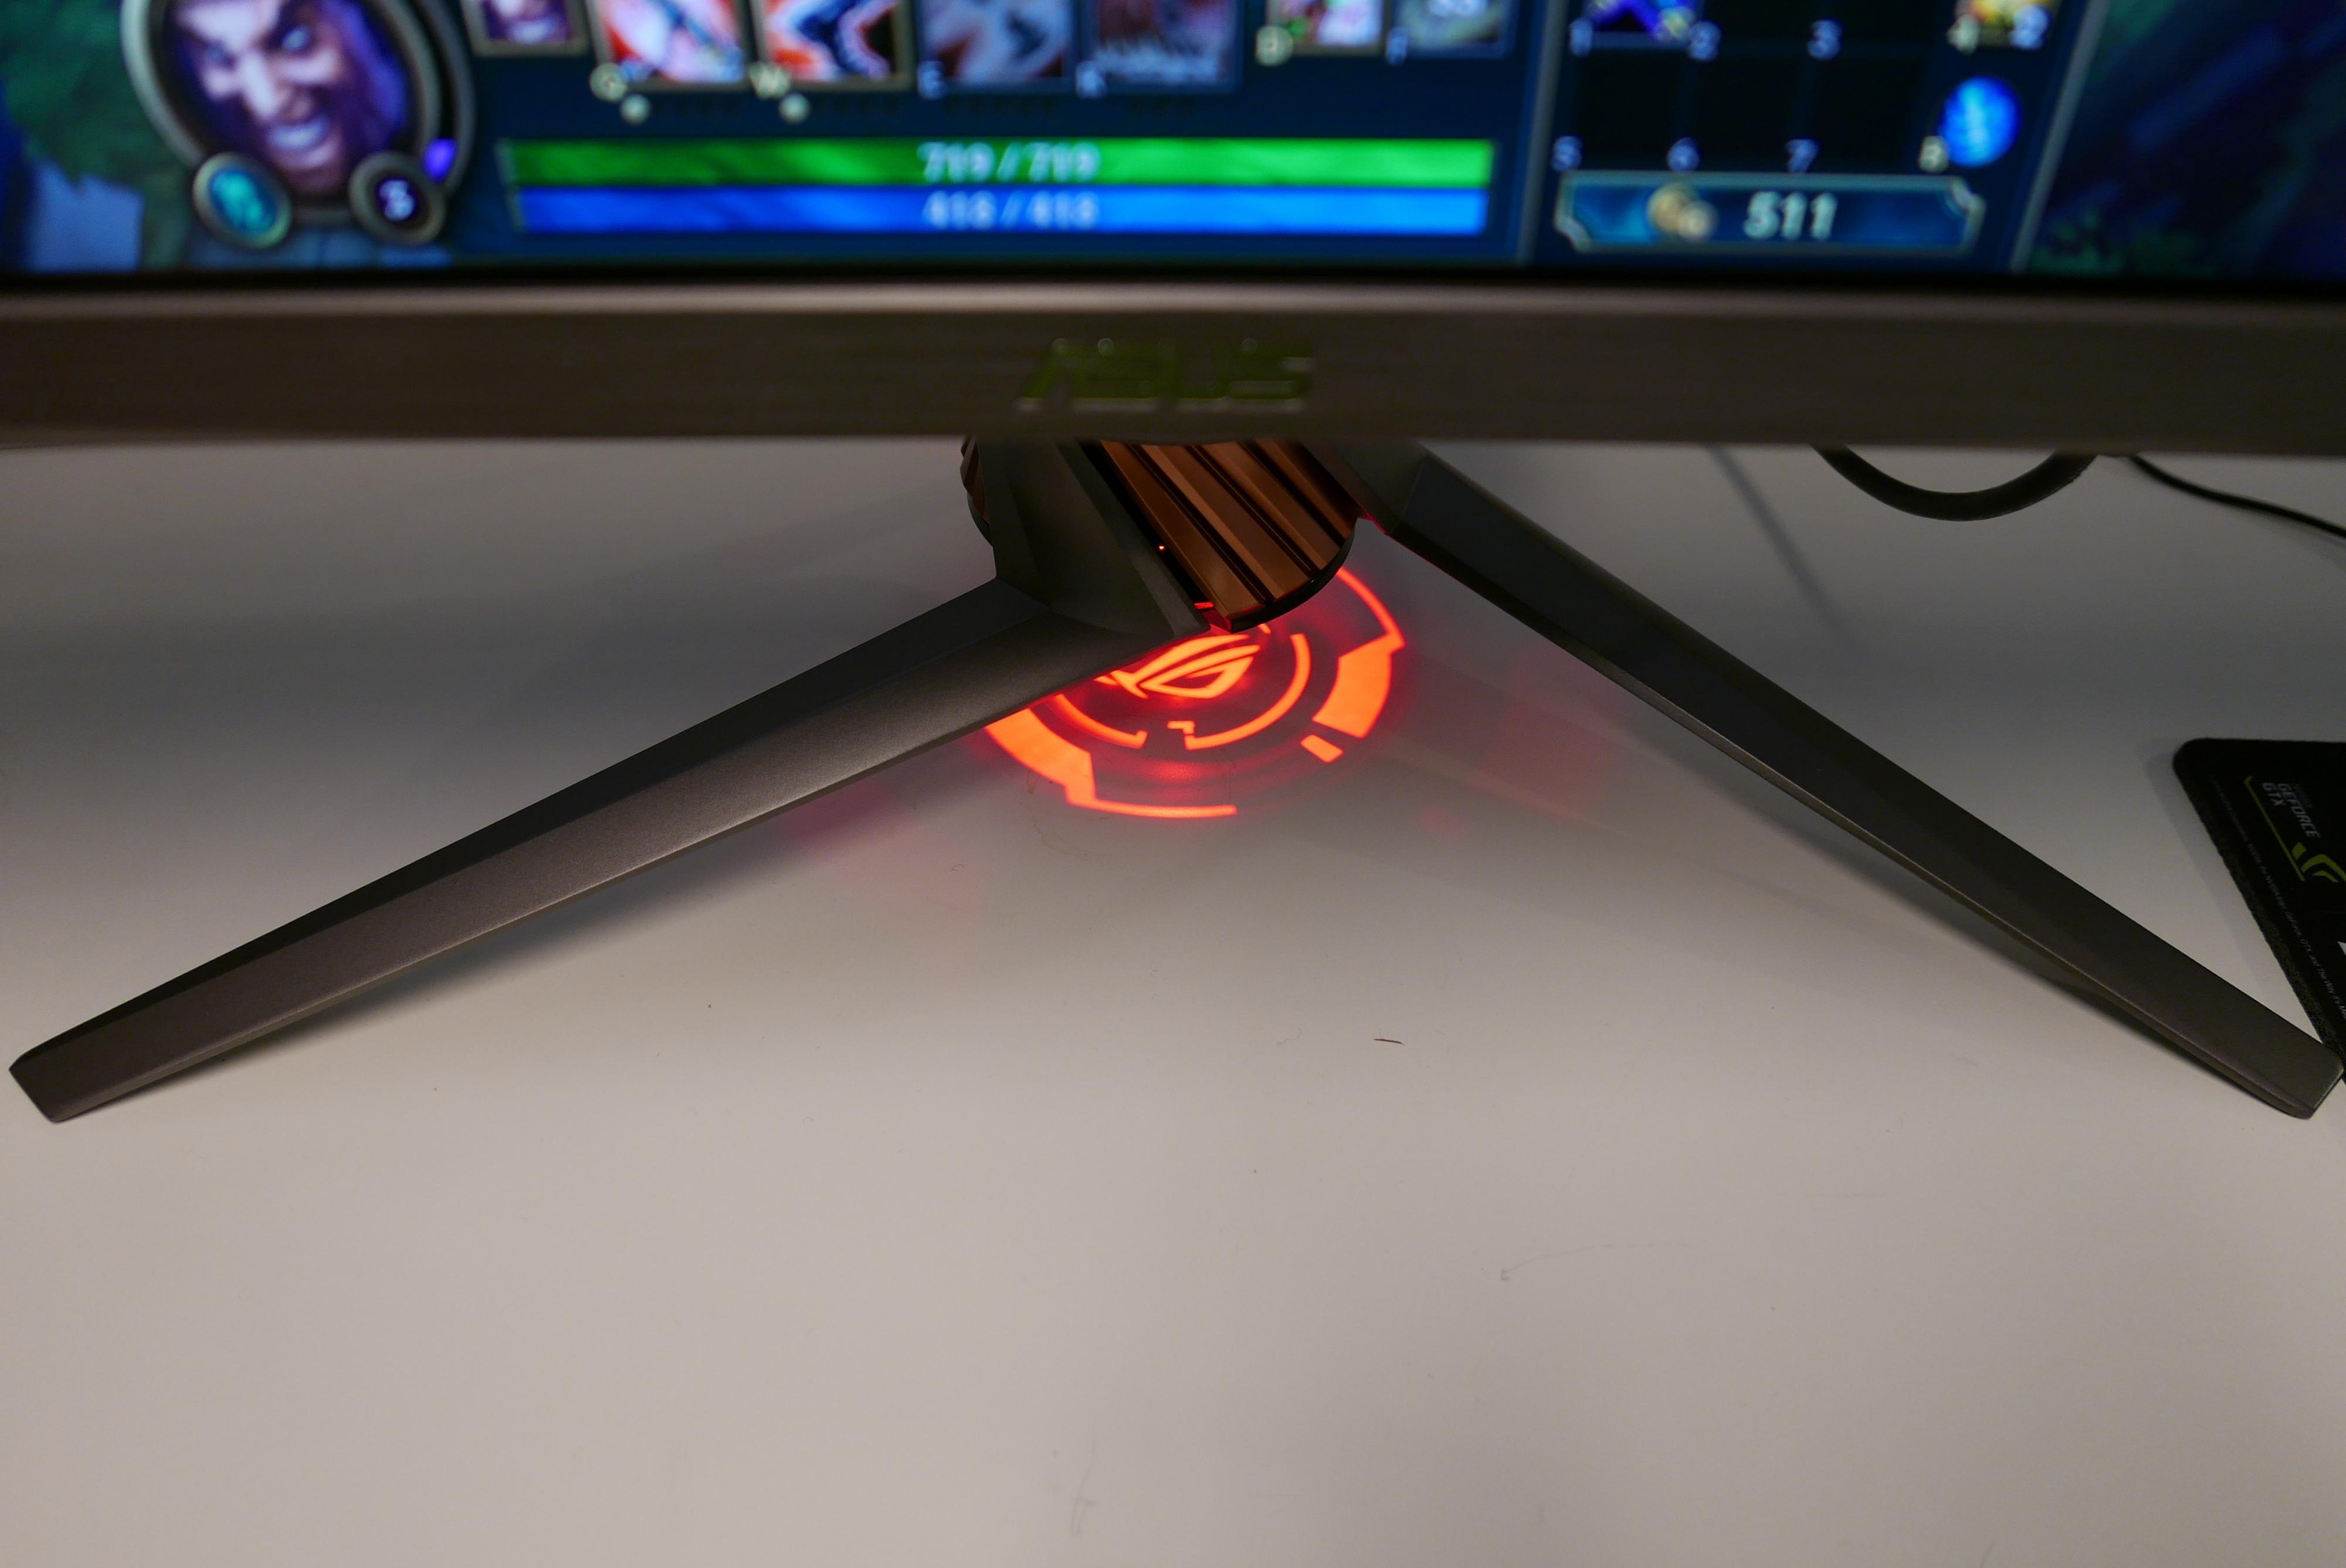 Skjermen har en projektor i foten som gir deg en logo på bordet den står.